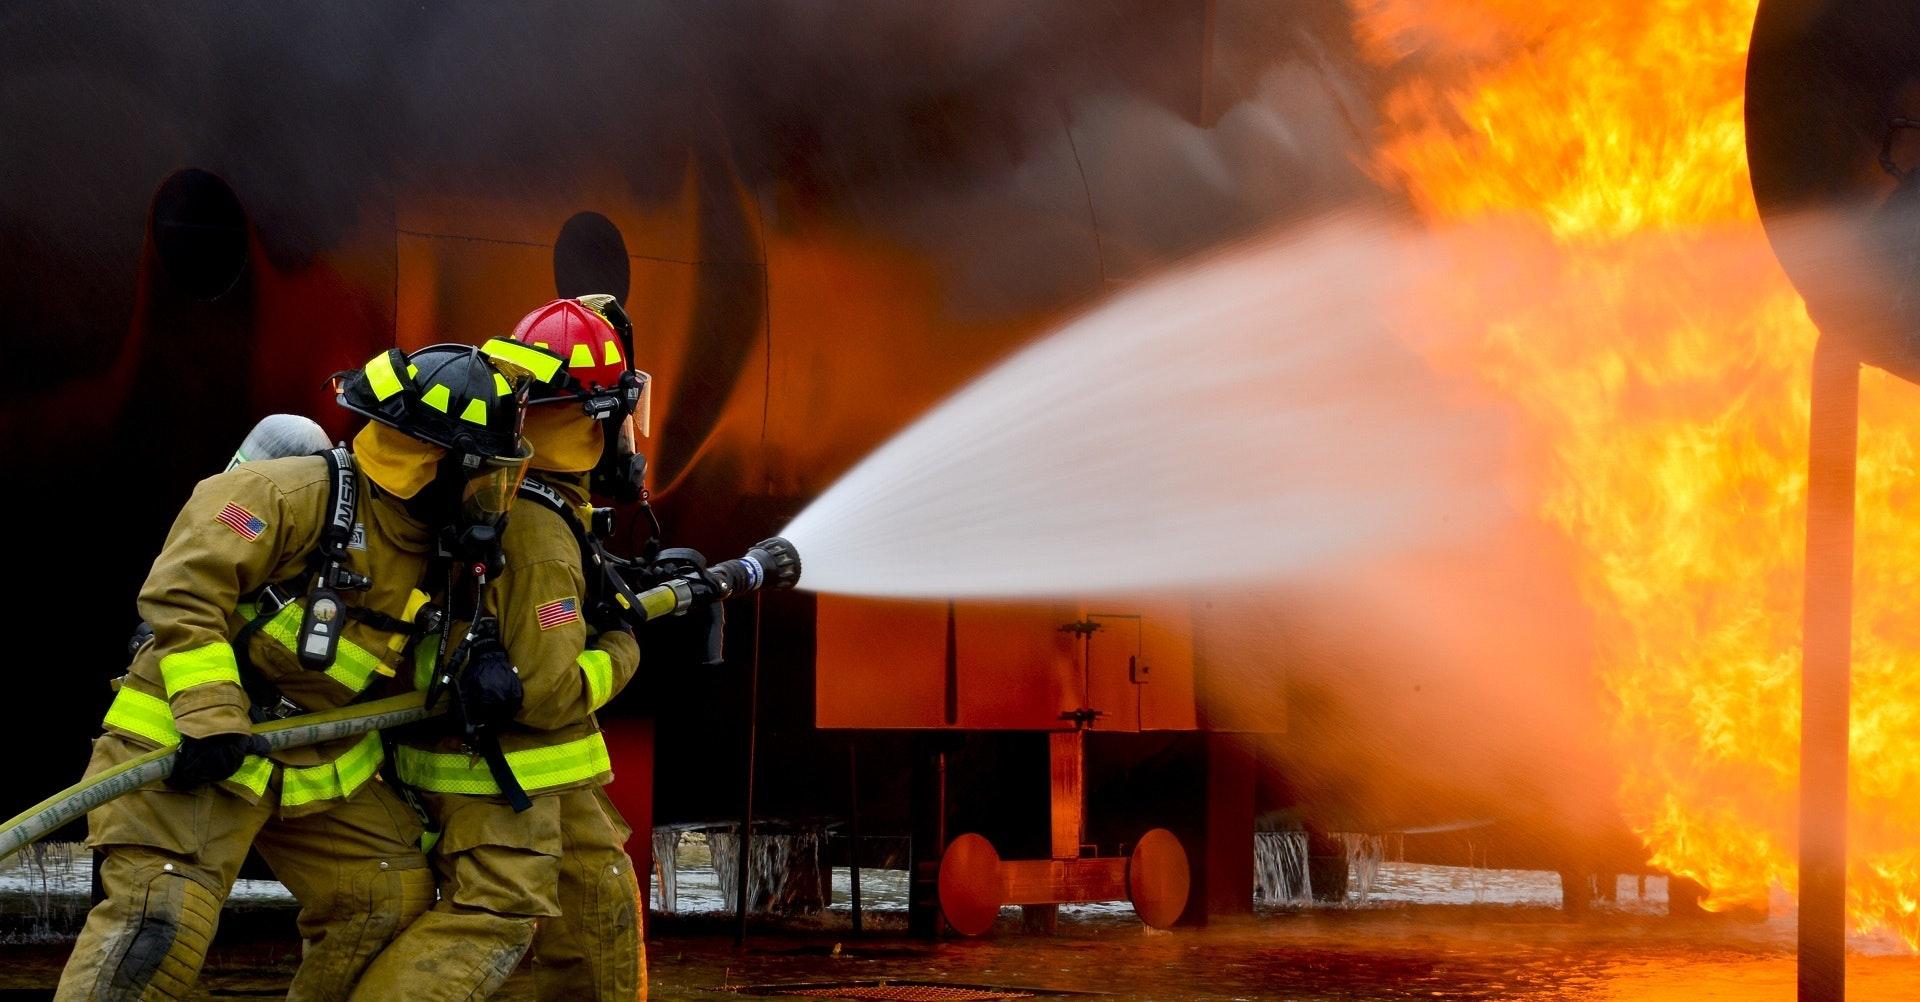 Bomberos extinguiendo un fuego - Mantenimiento protección contra incendios